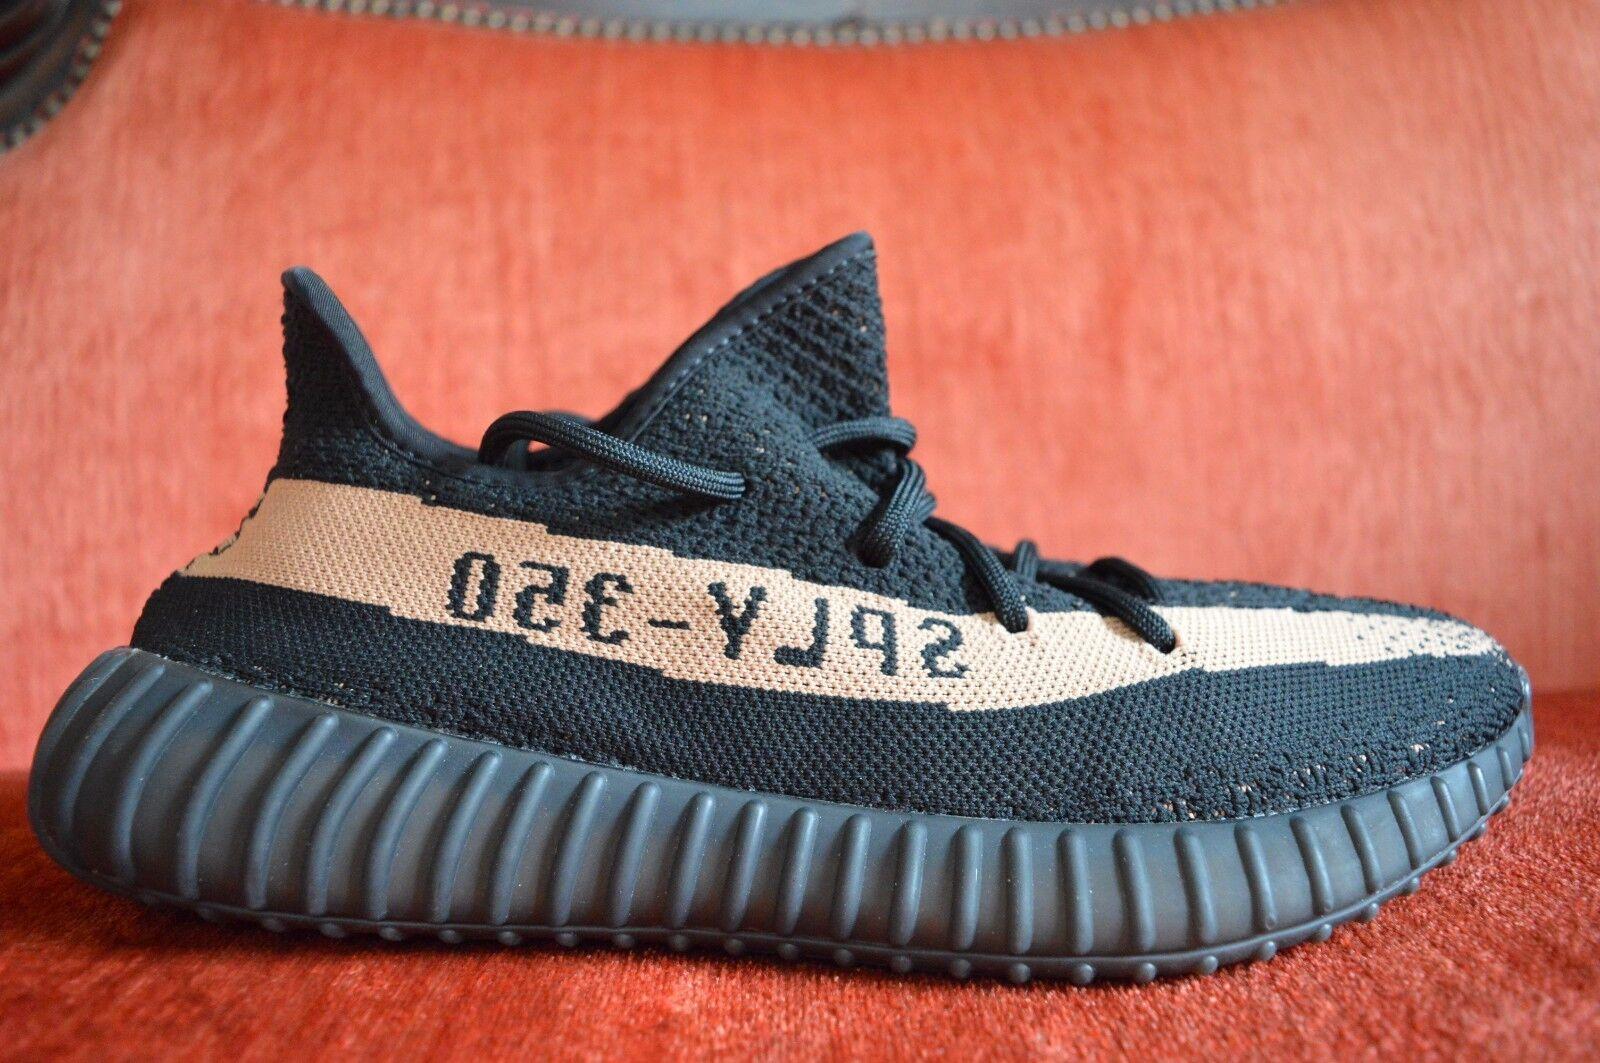 WORN ONCE Adidas Yeezy Boost 350 V2 Black Copper Bronze Stripe Size 10 OG ALL